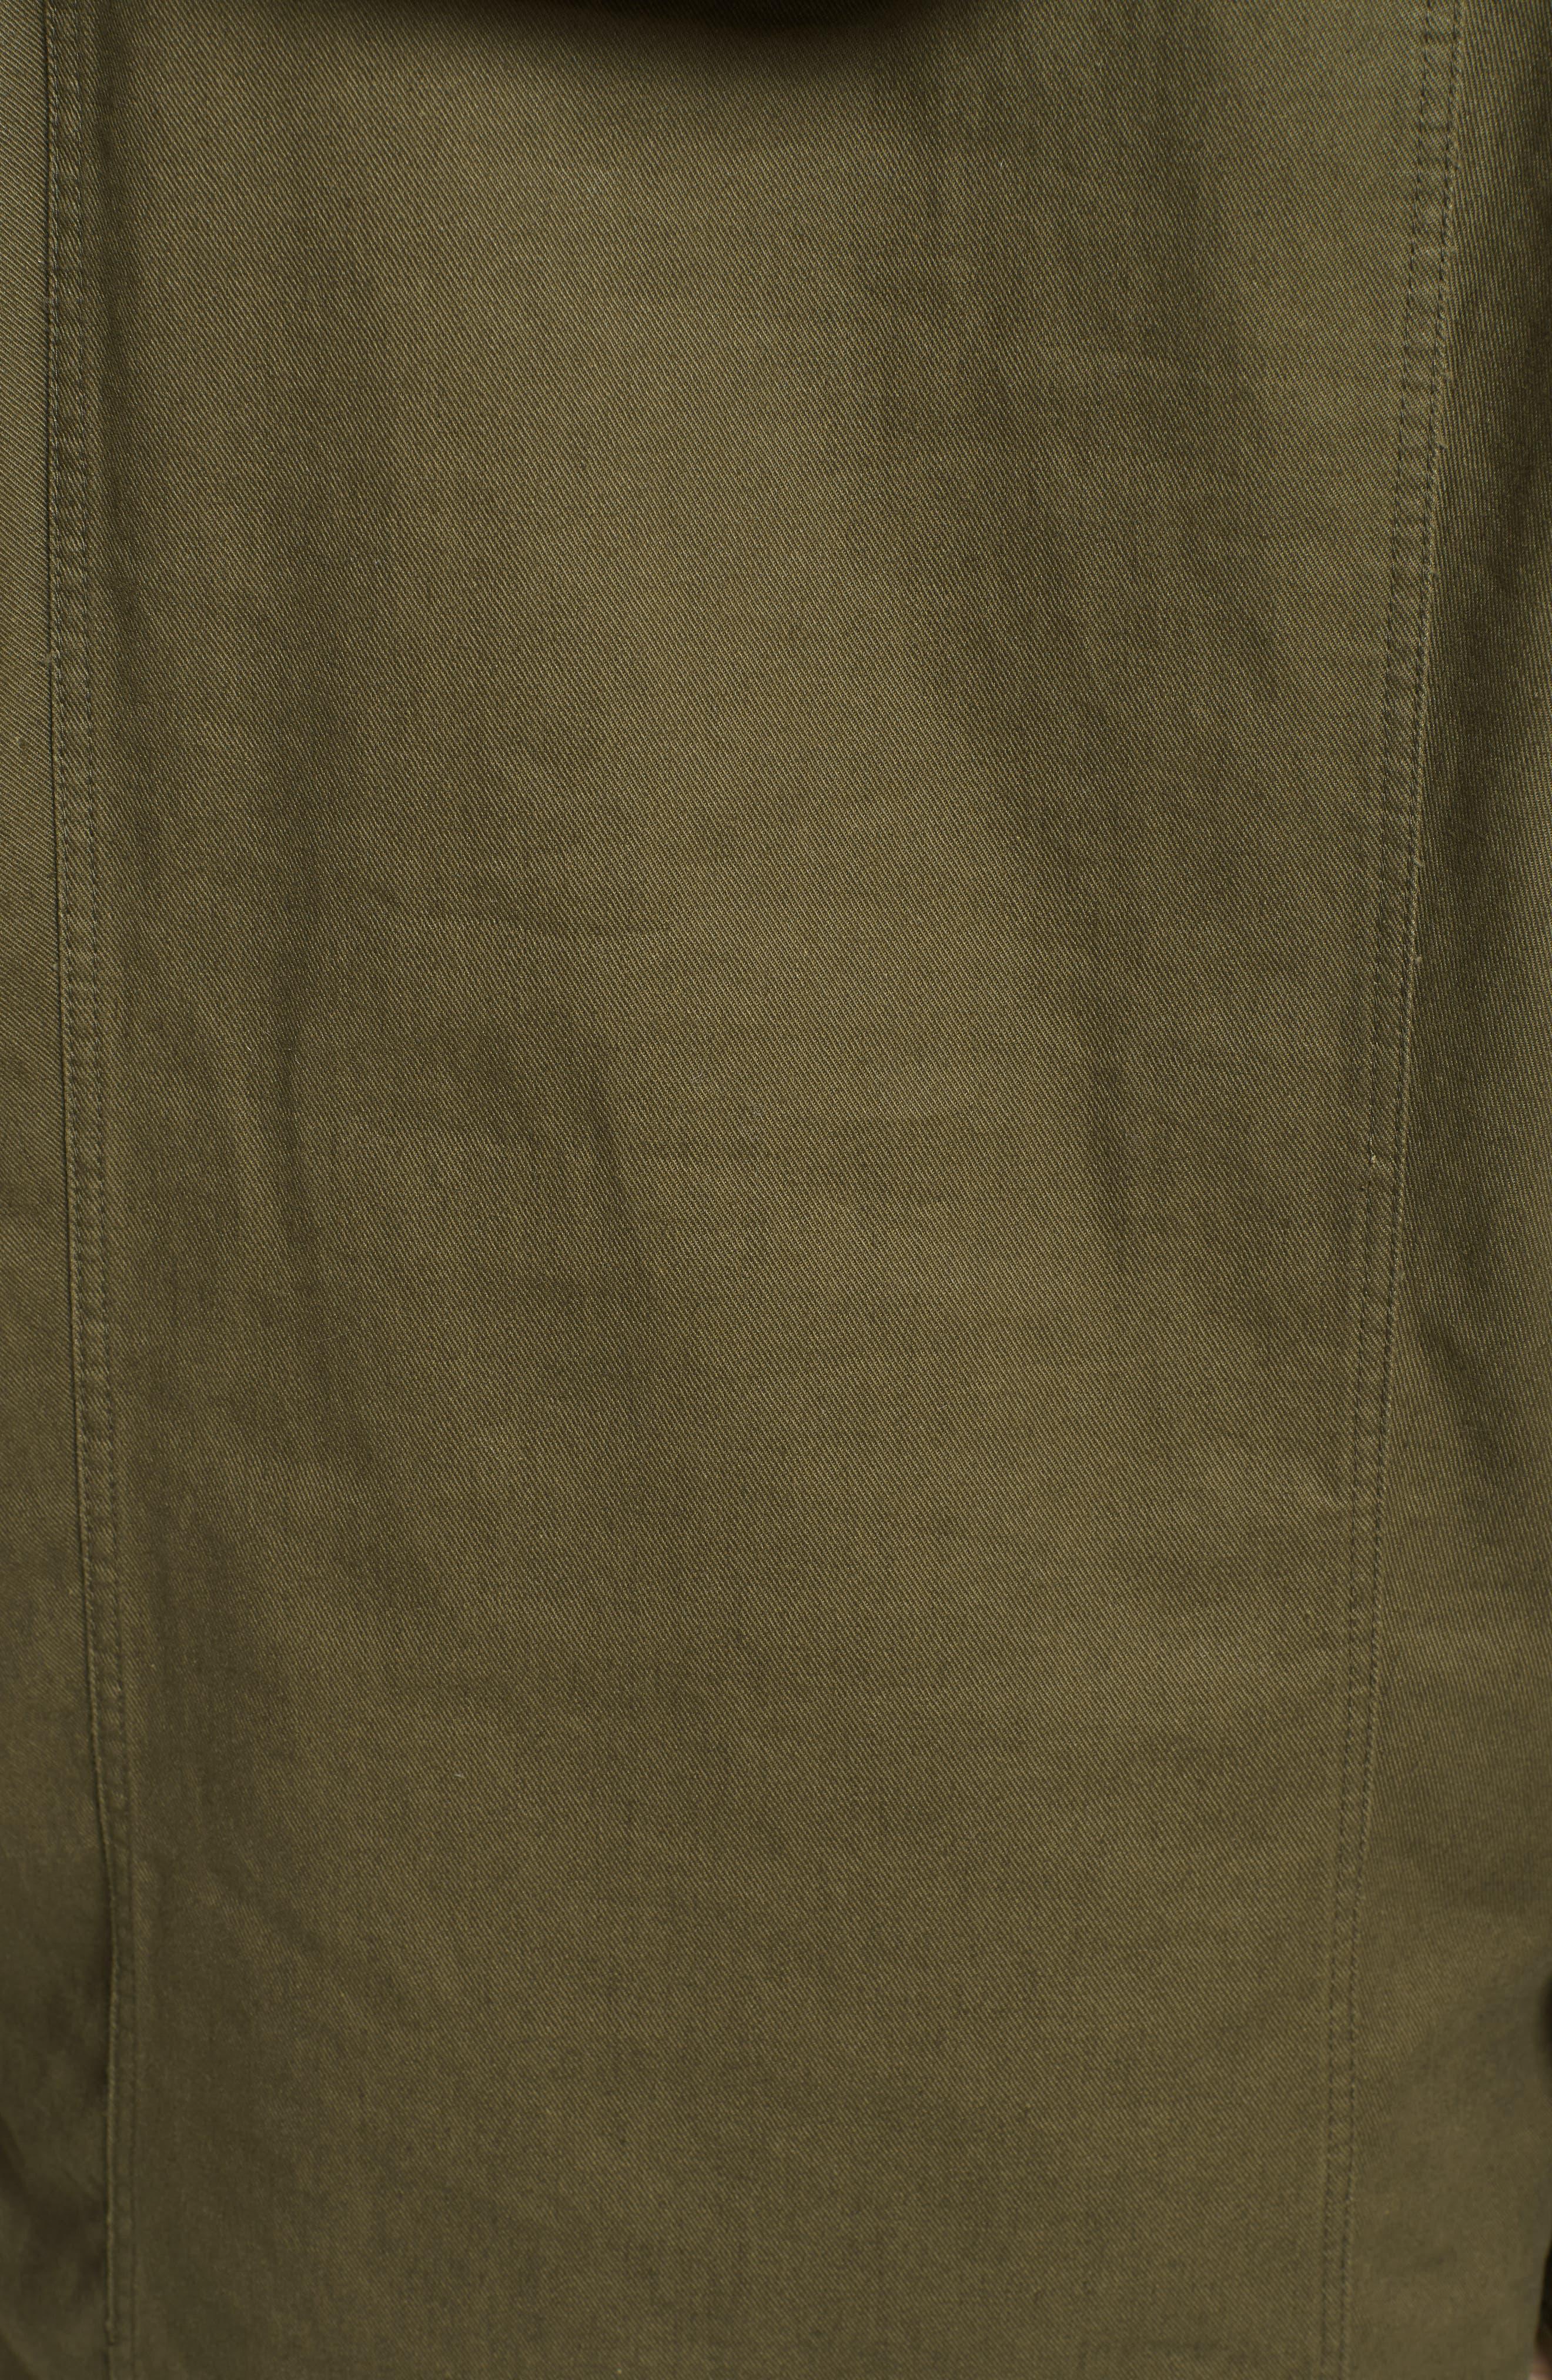 Patch Embellished Cotton Blend Gabardine Dress,                             Alternate thumbnail 6, color,                             264